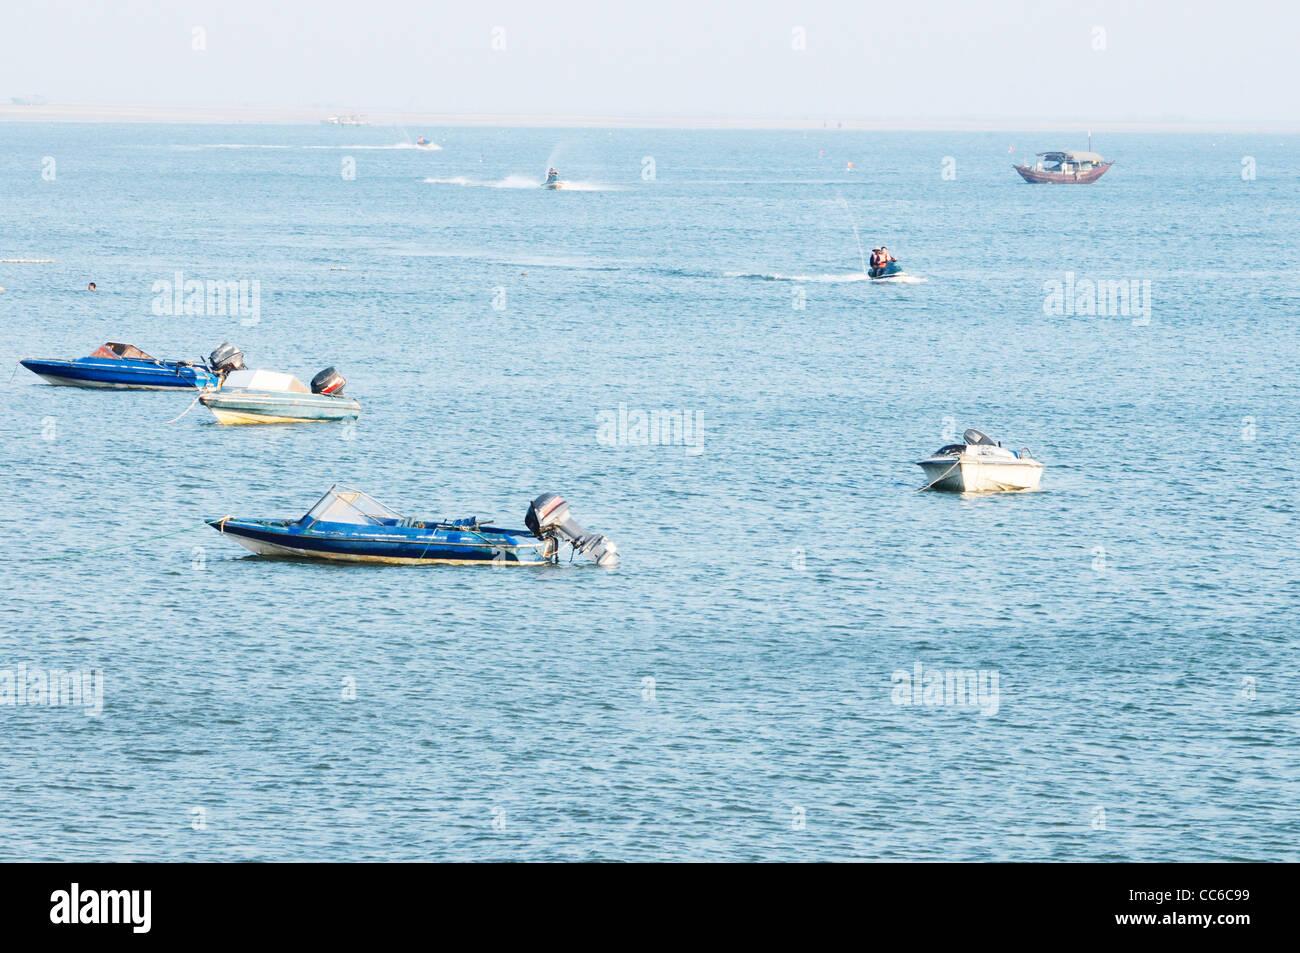 Yachts on the South China Sea, Beihai, Guangxi , China - Stock Image